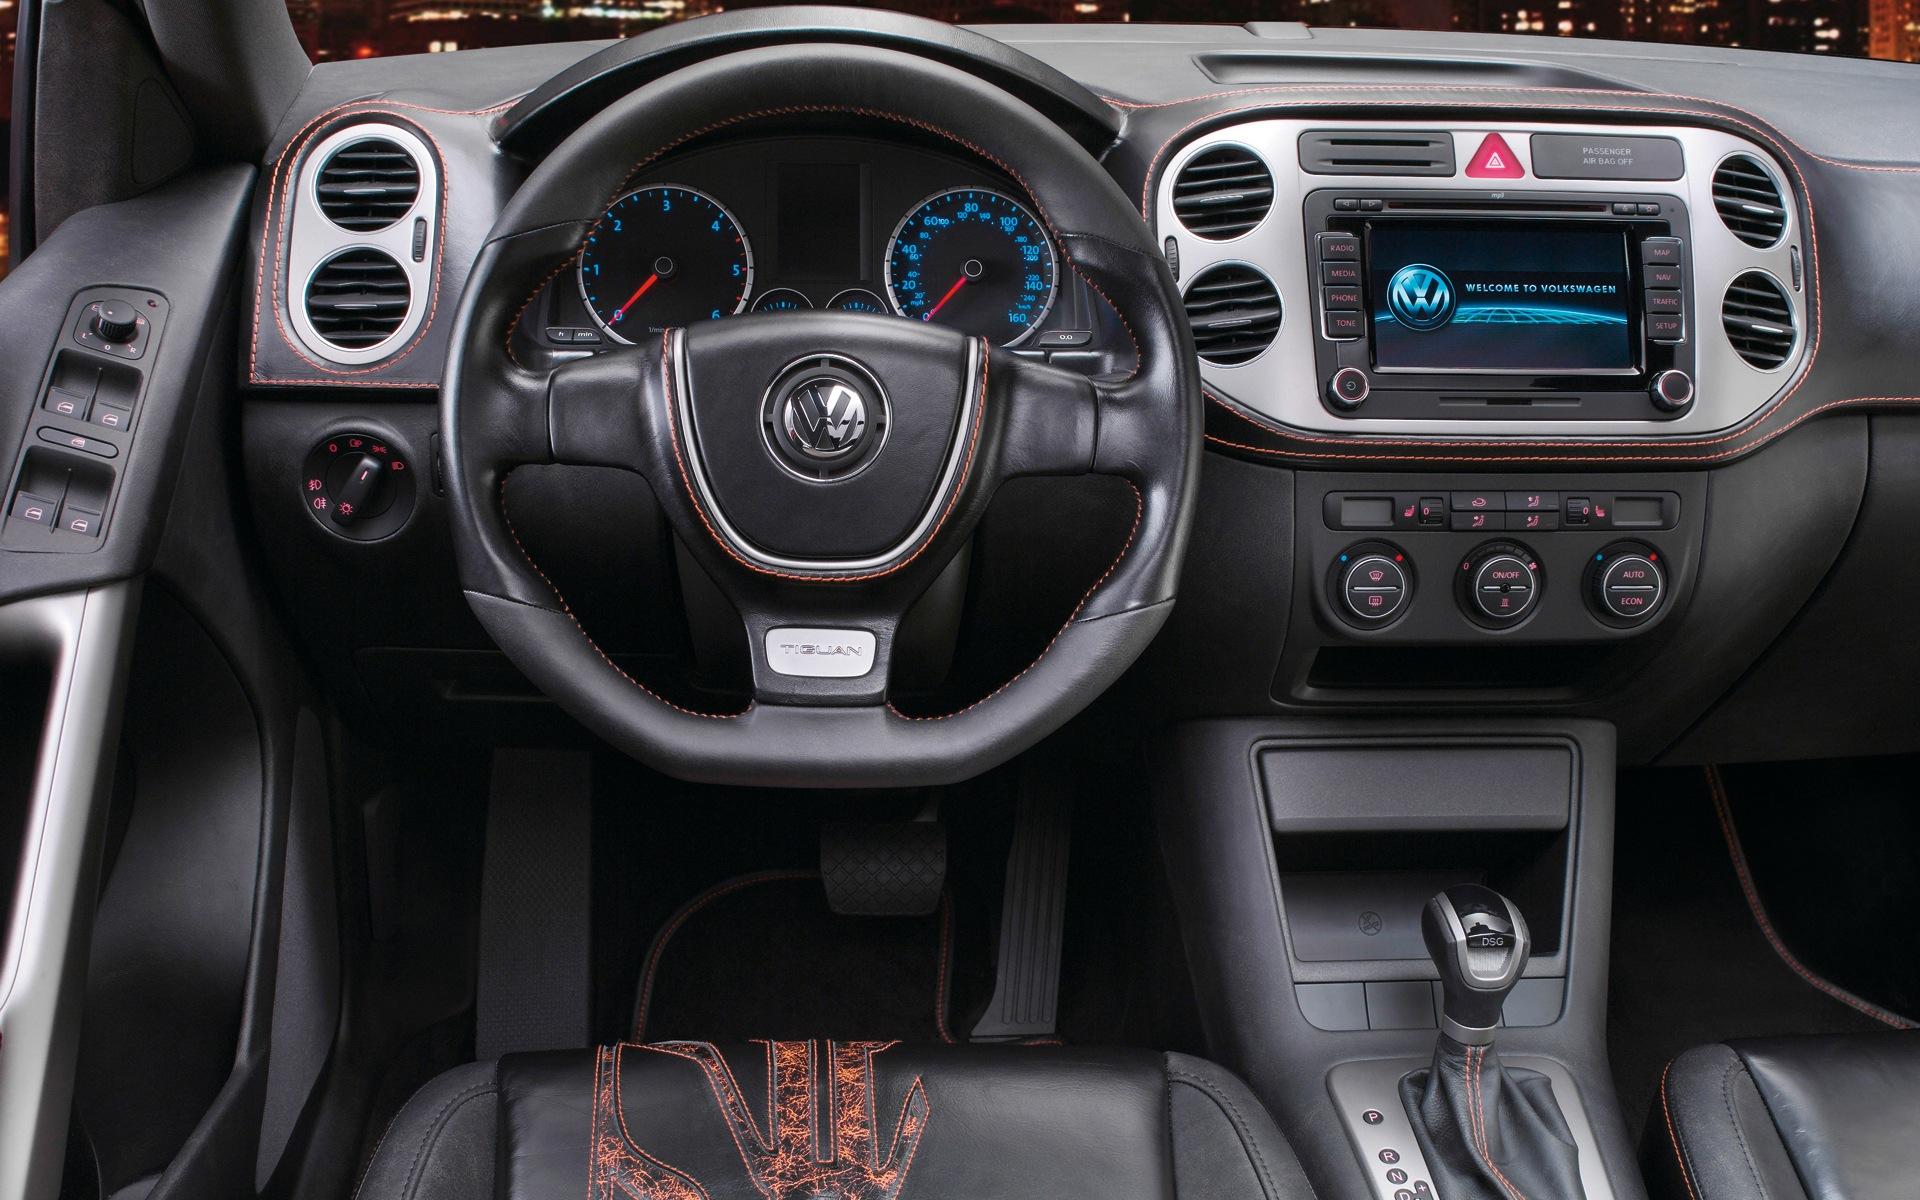 Volkswagen Leather салон машины, скачать фото, бесплатно